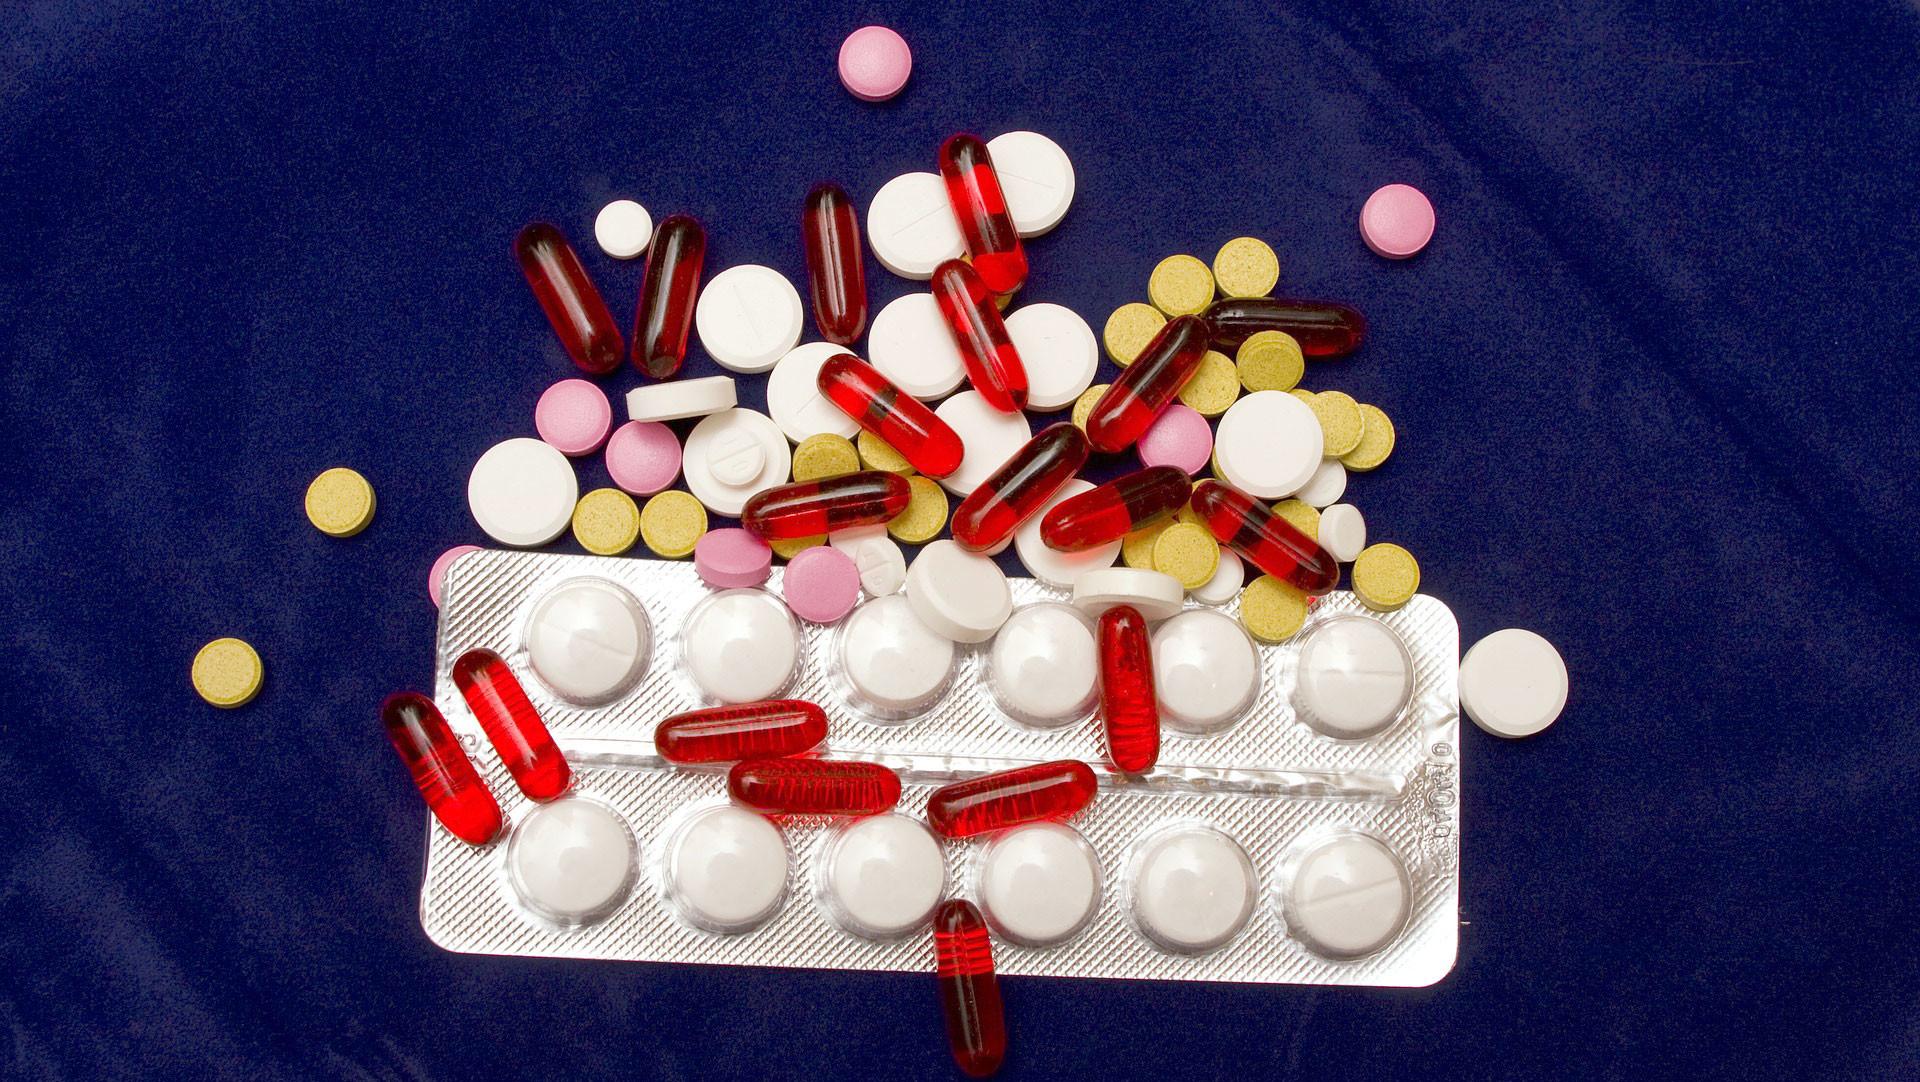 Curar enfermedades es un mal negocio para la industria farmacéutica, según Goldman Sachs